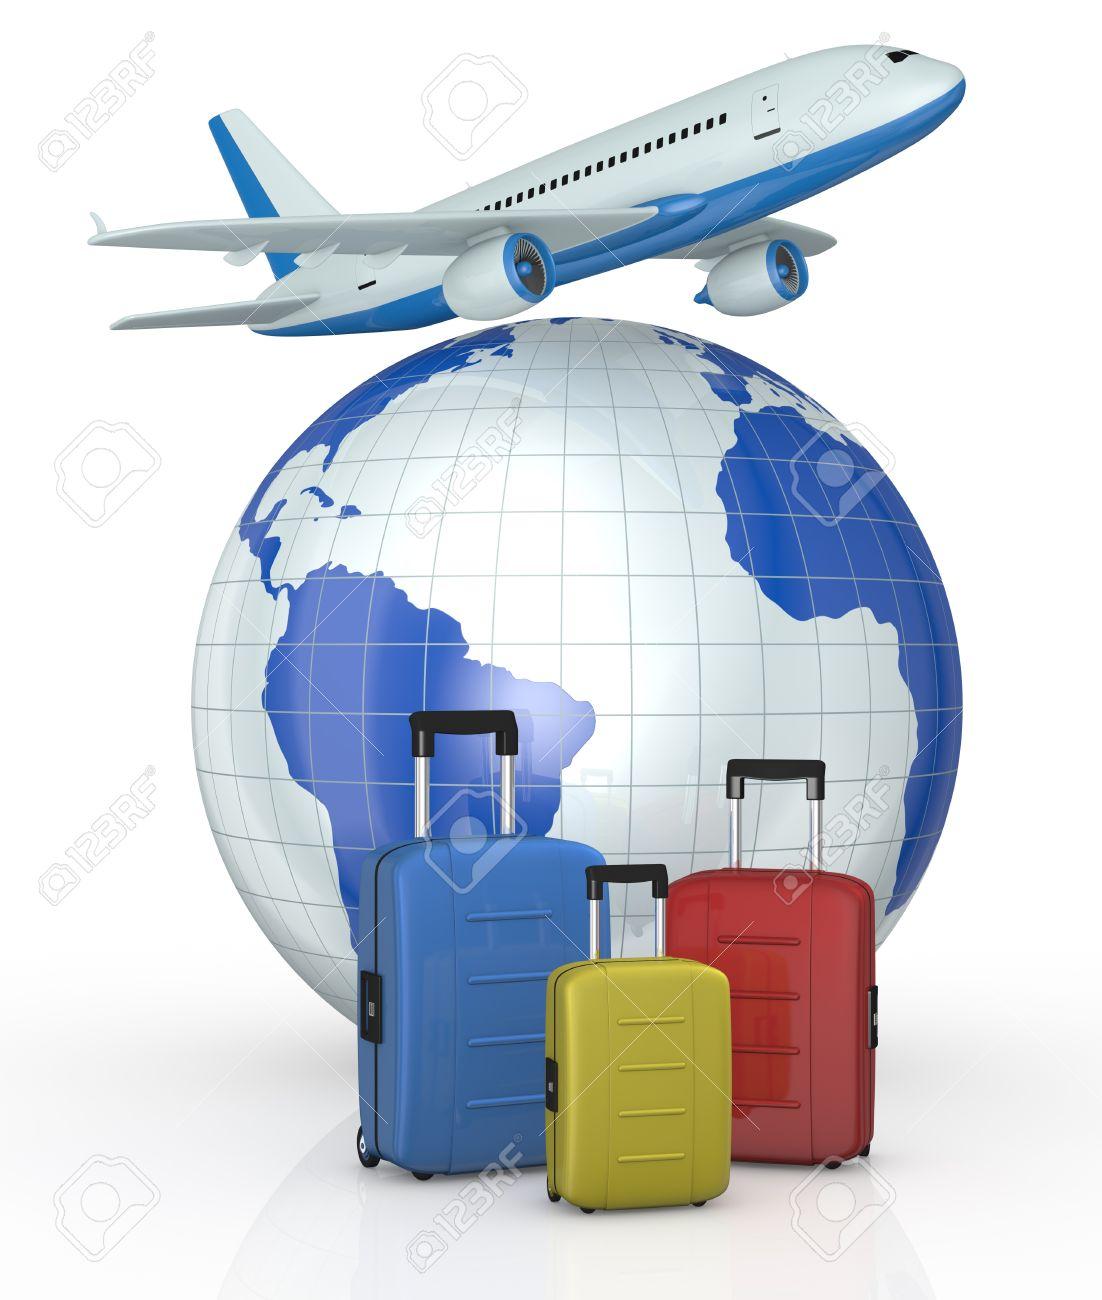 125 persones d'Arenys de Munt estan registrades com a residents habituals a l'estranger